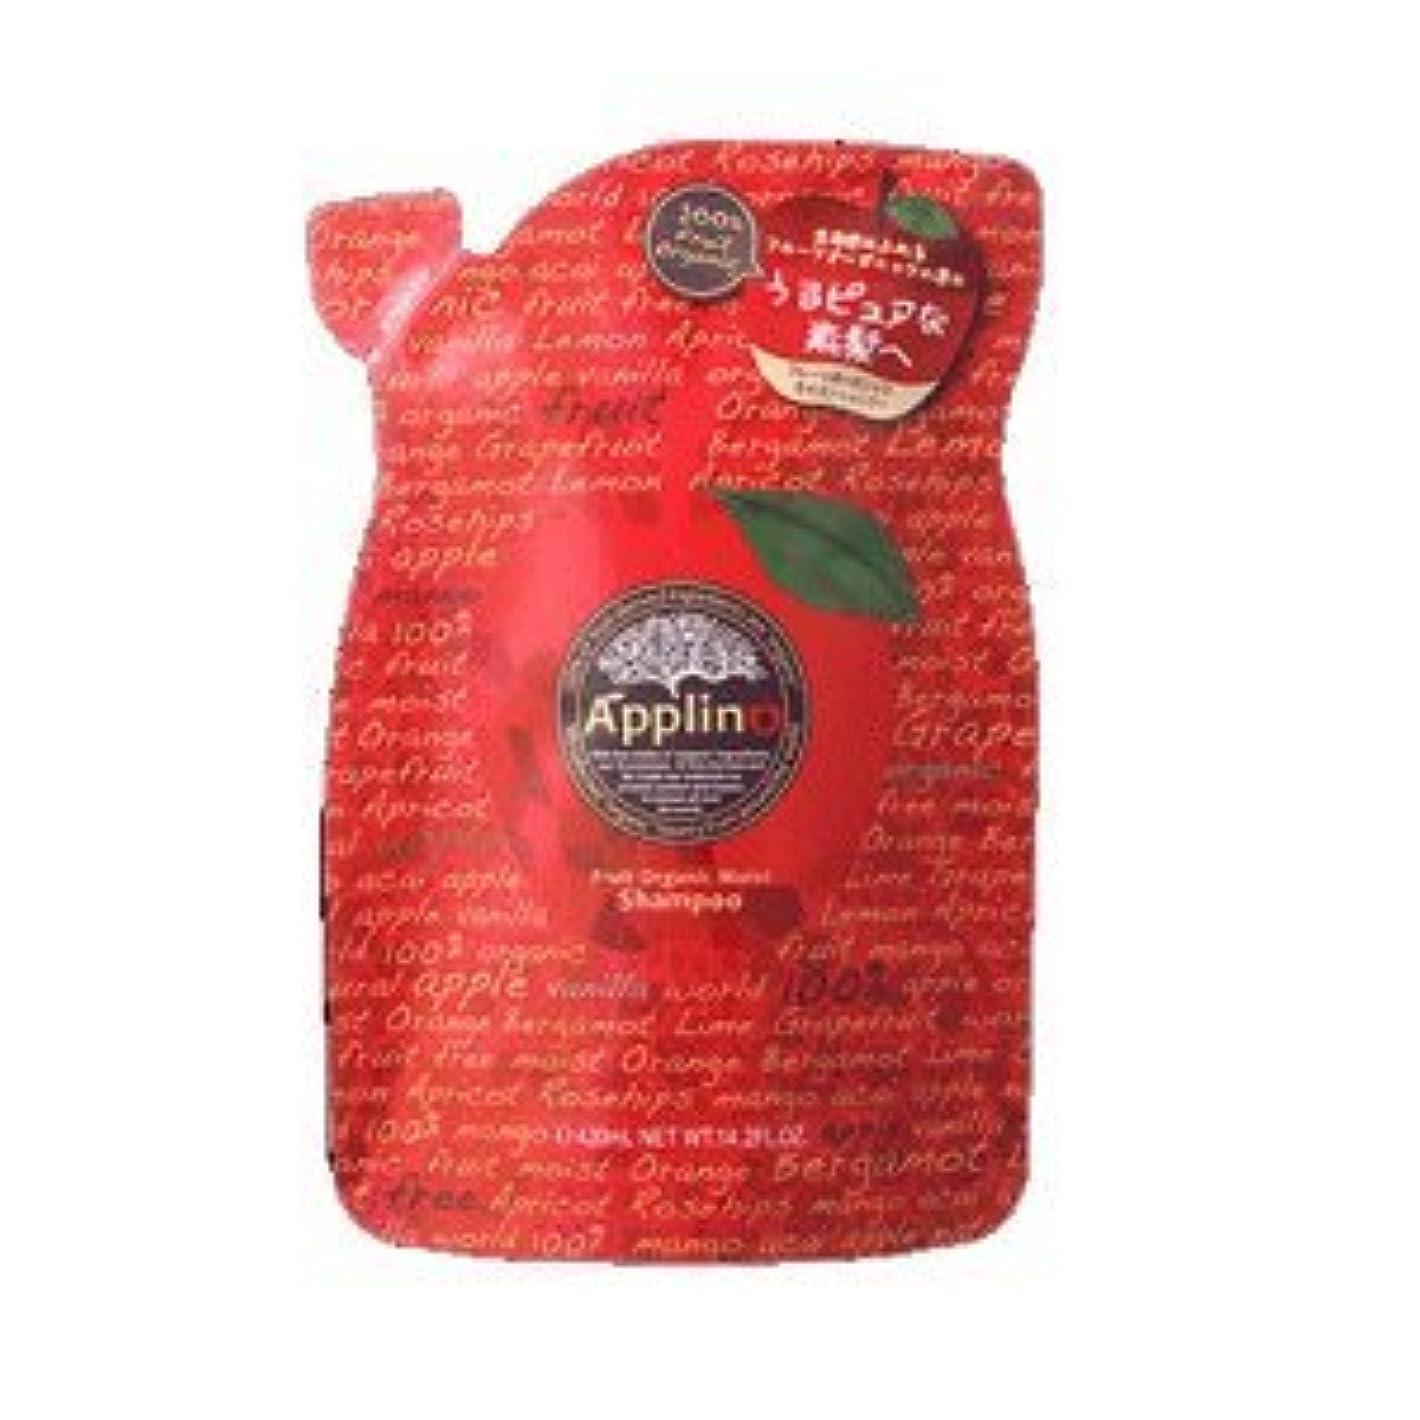 赤字取るおそらくベーネ(BENE) Applino(アップリノ)  フルーツオーガニックモイストシャンプー つめかえ用 420ml